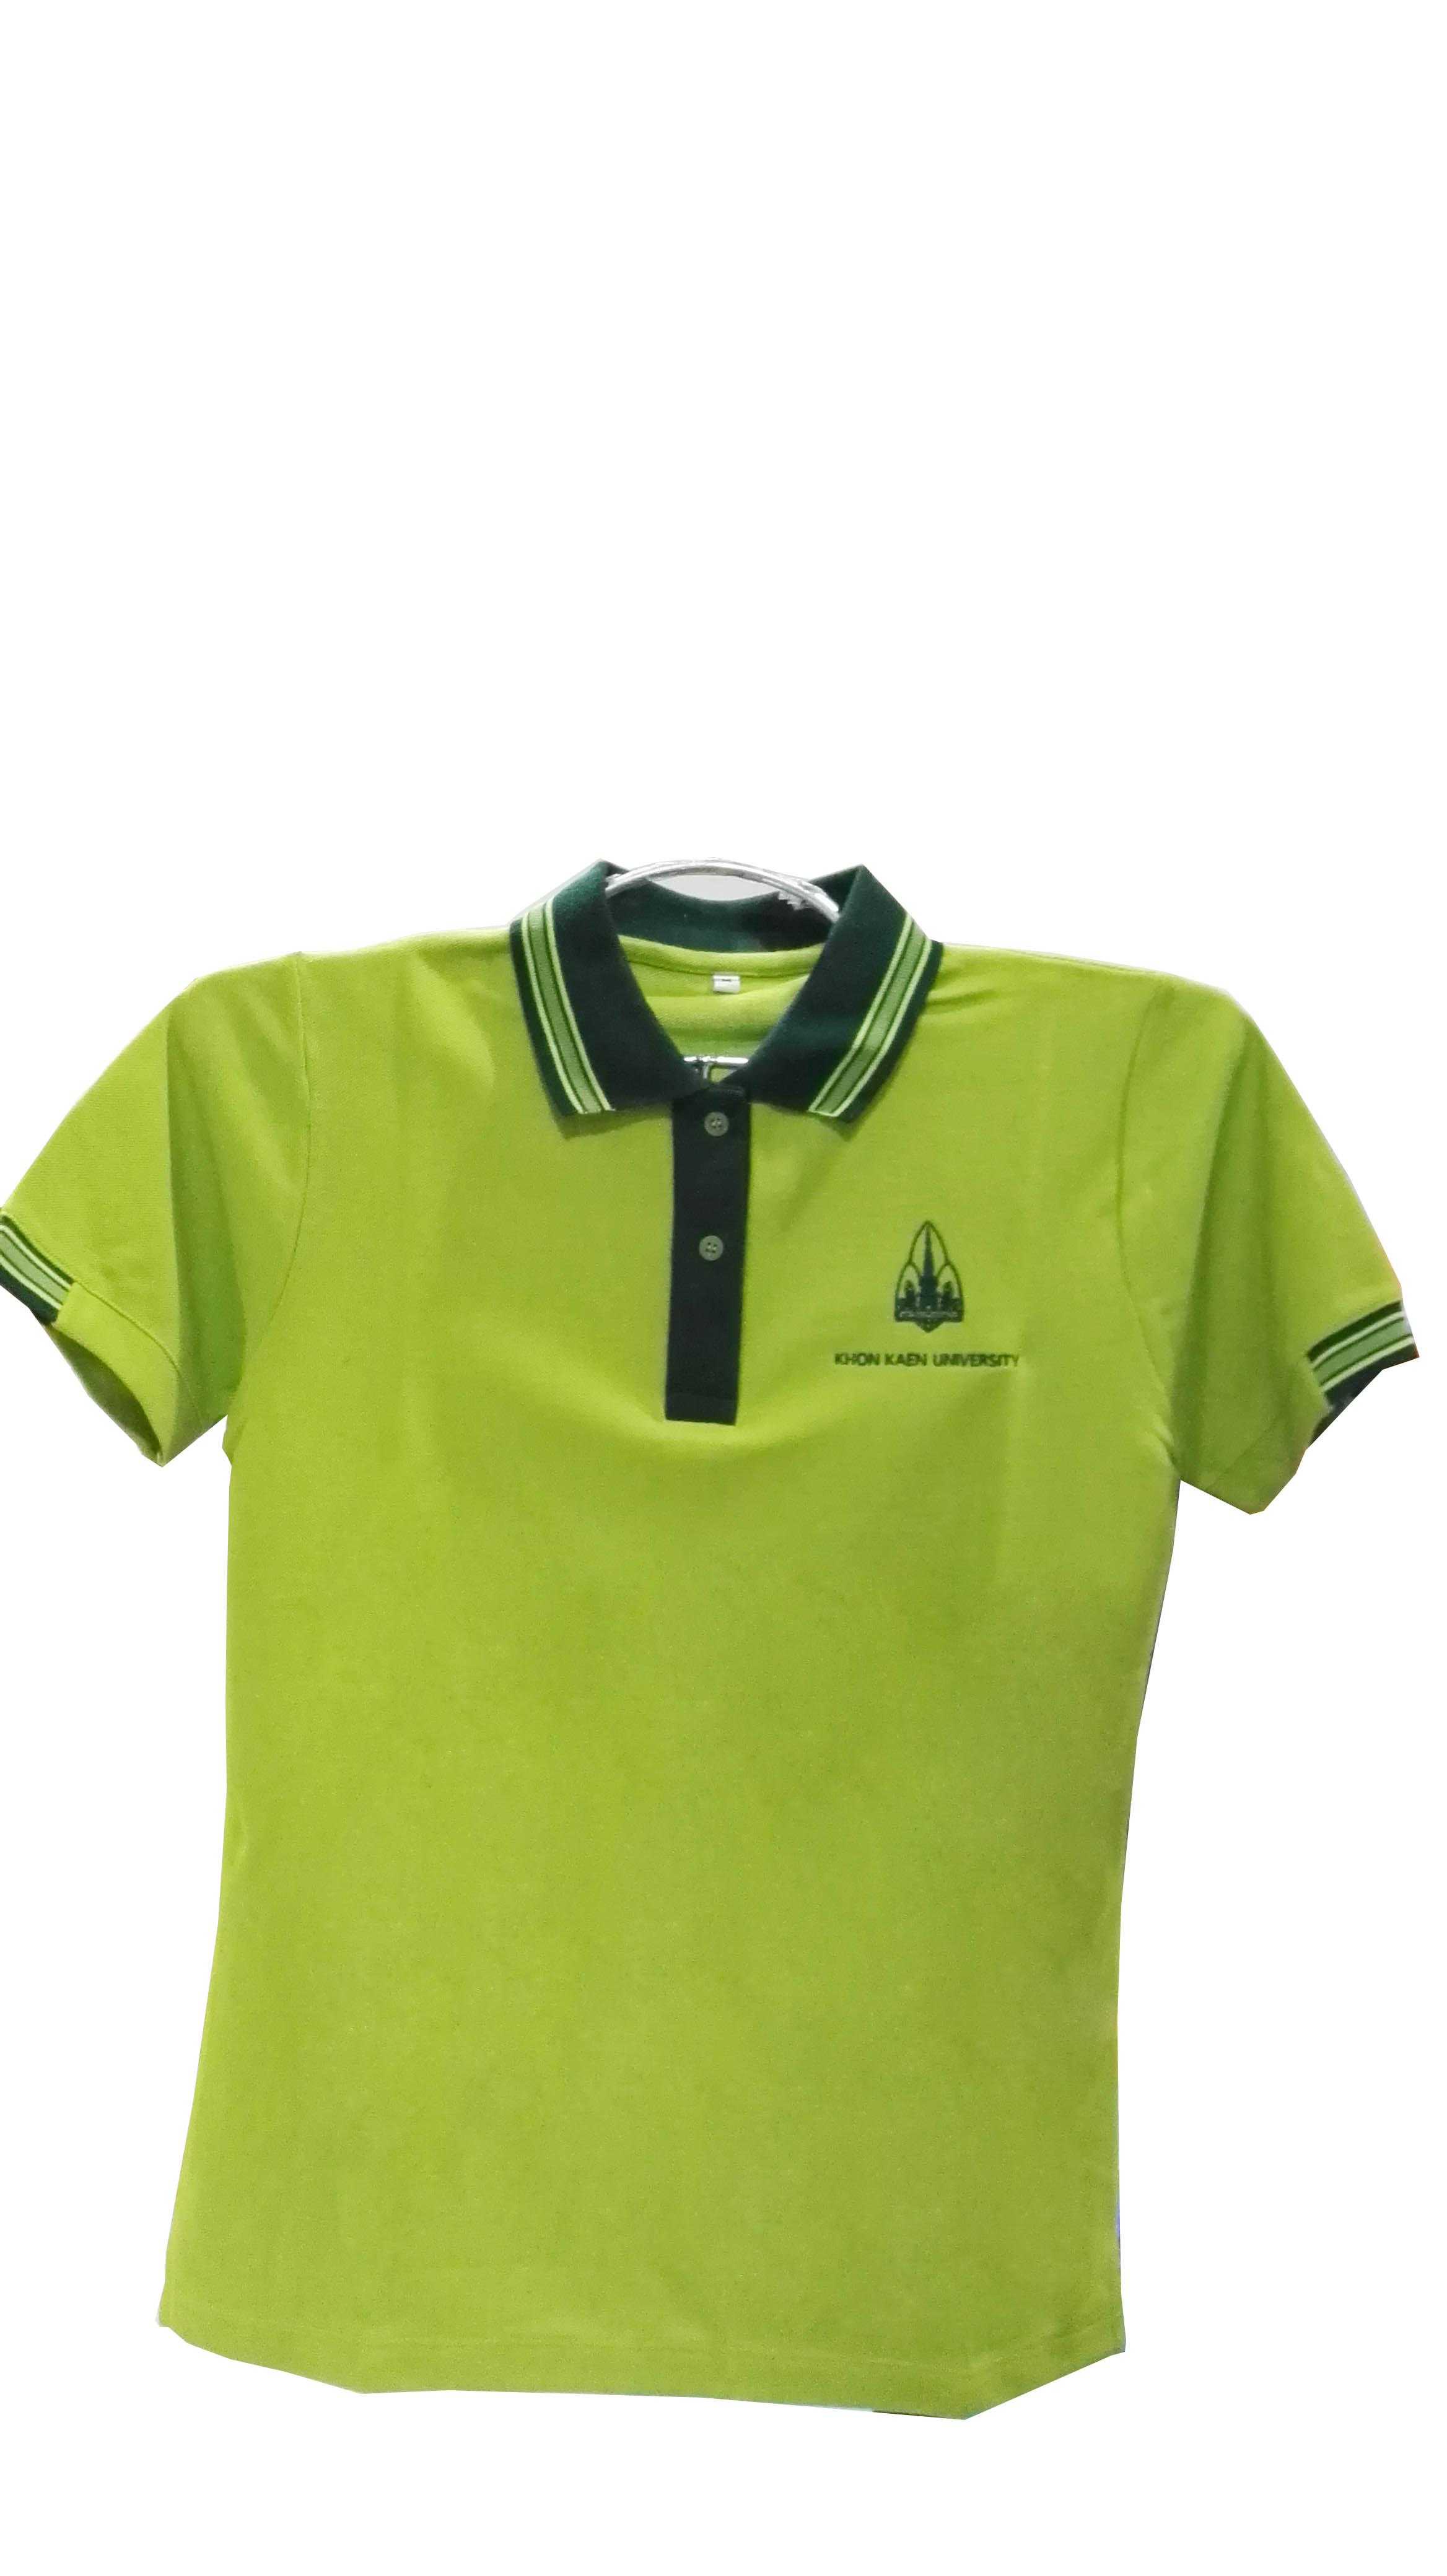 เสื้อโปโลสีเขียวขี้ม้า M(หญิง)